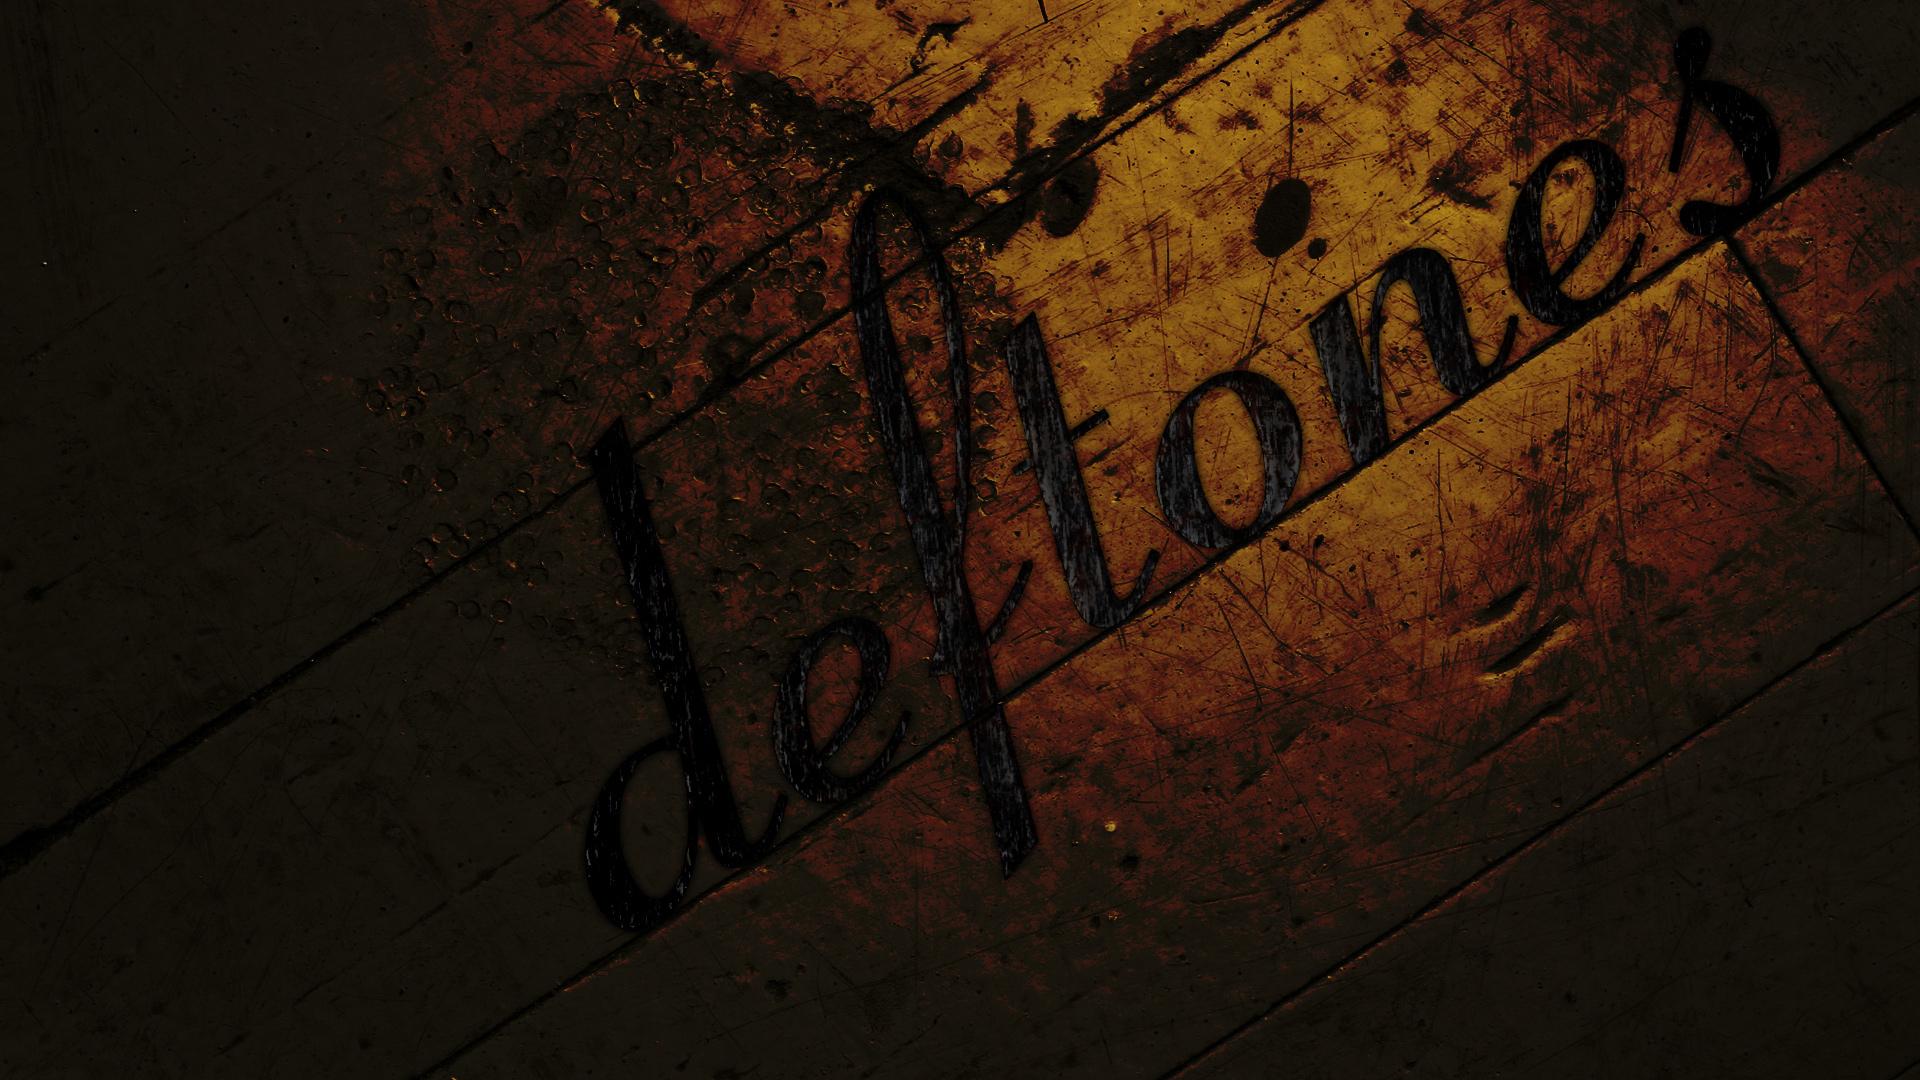 Deftones Computer Wallpapers Desktop Backgrounds 1920x1080 ID 1920x1080